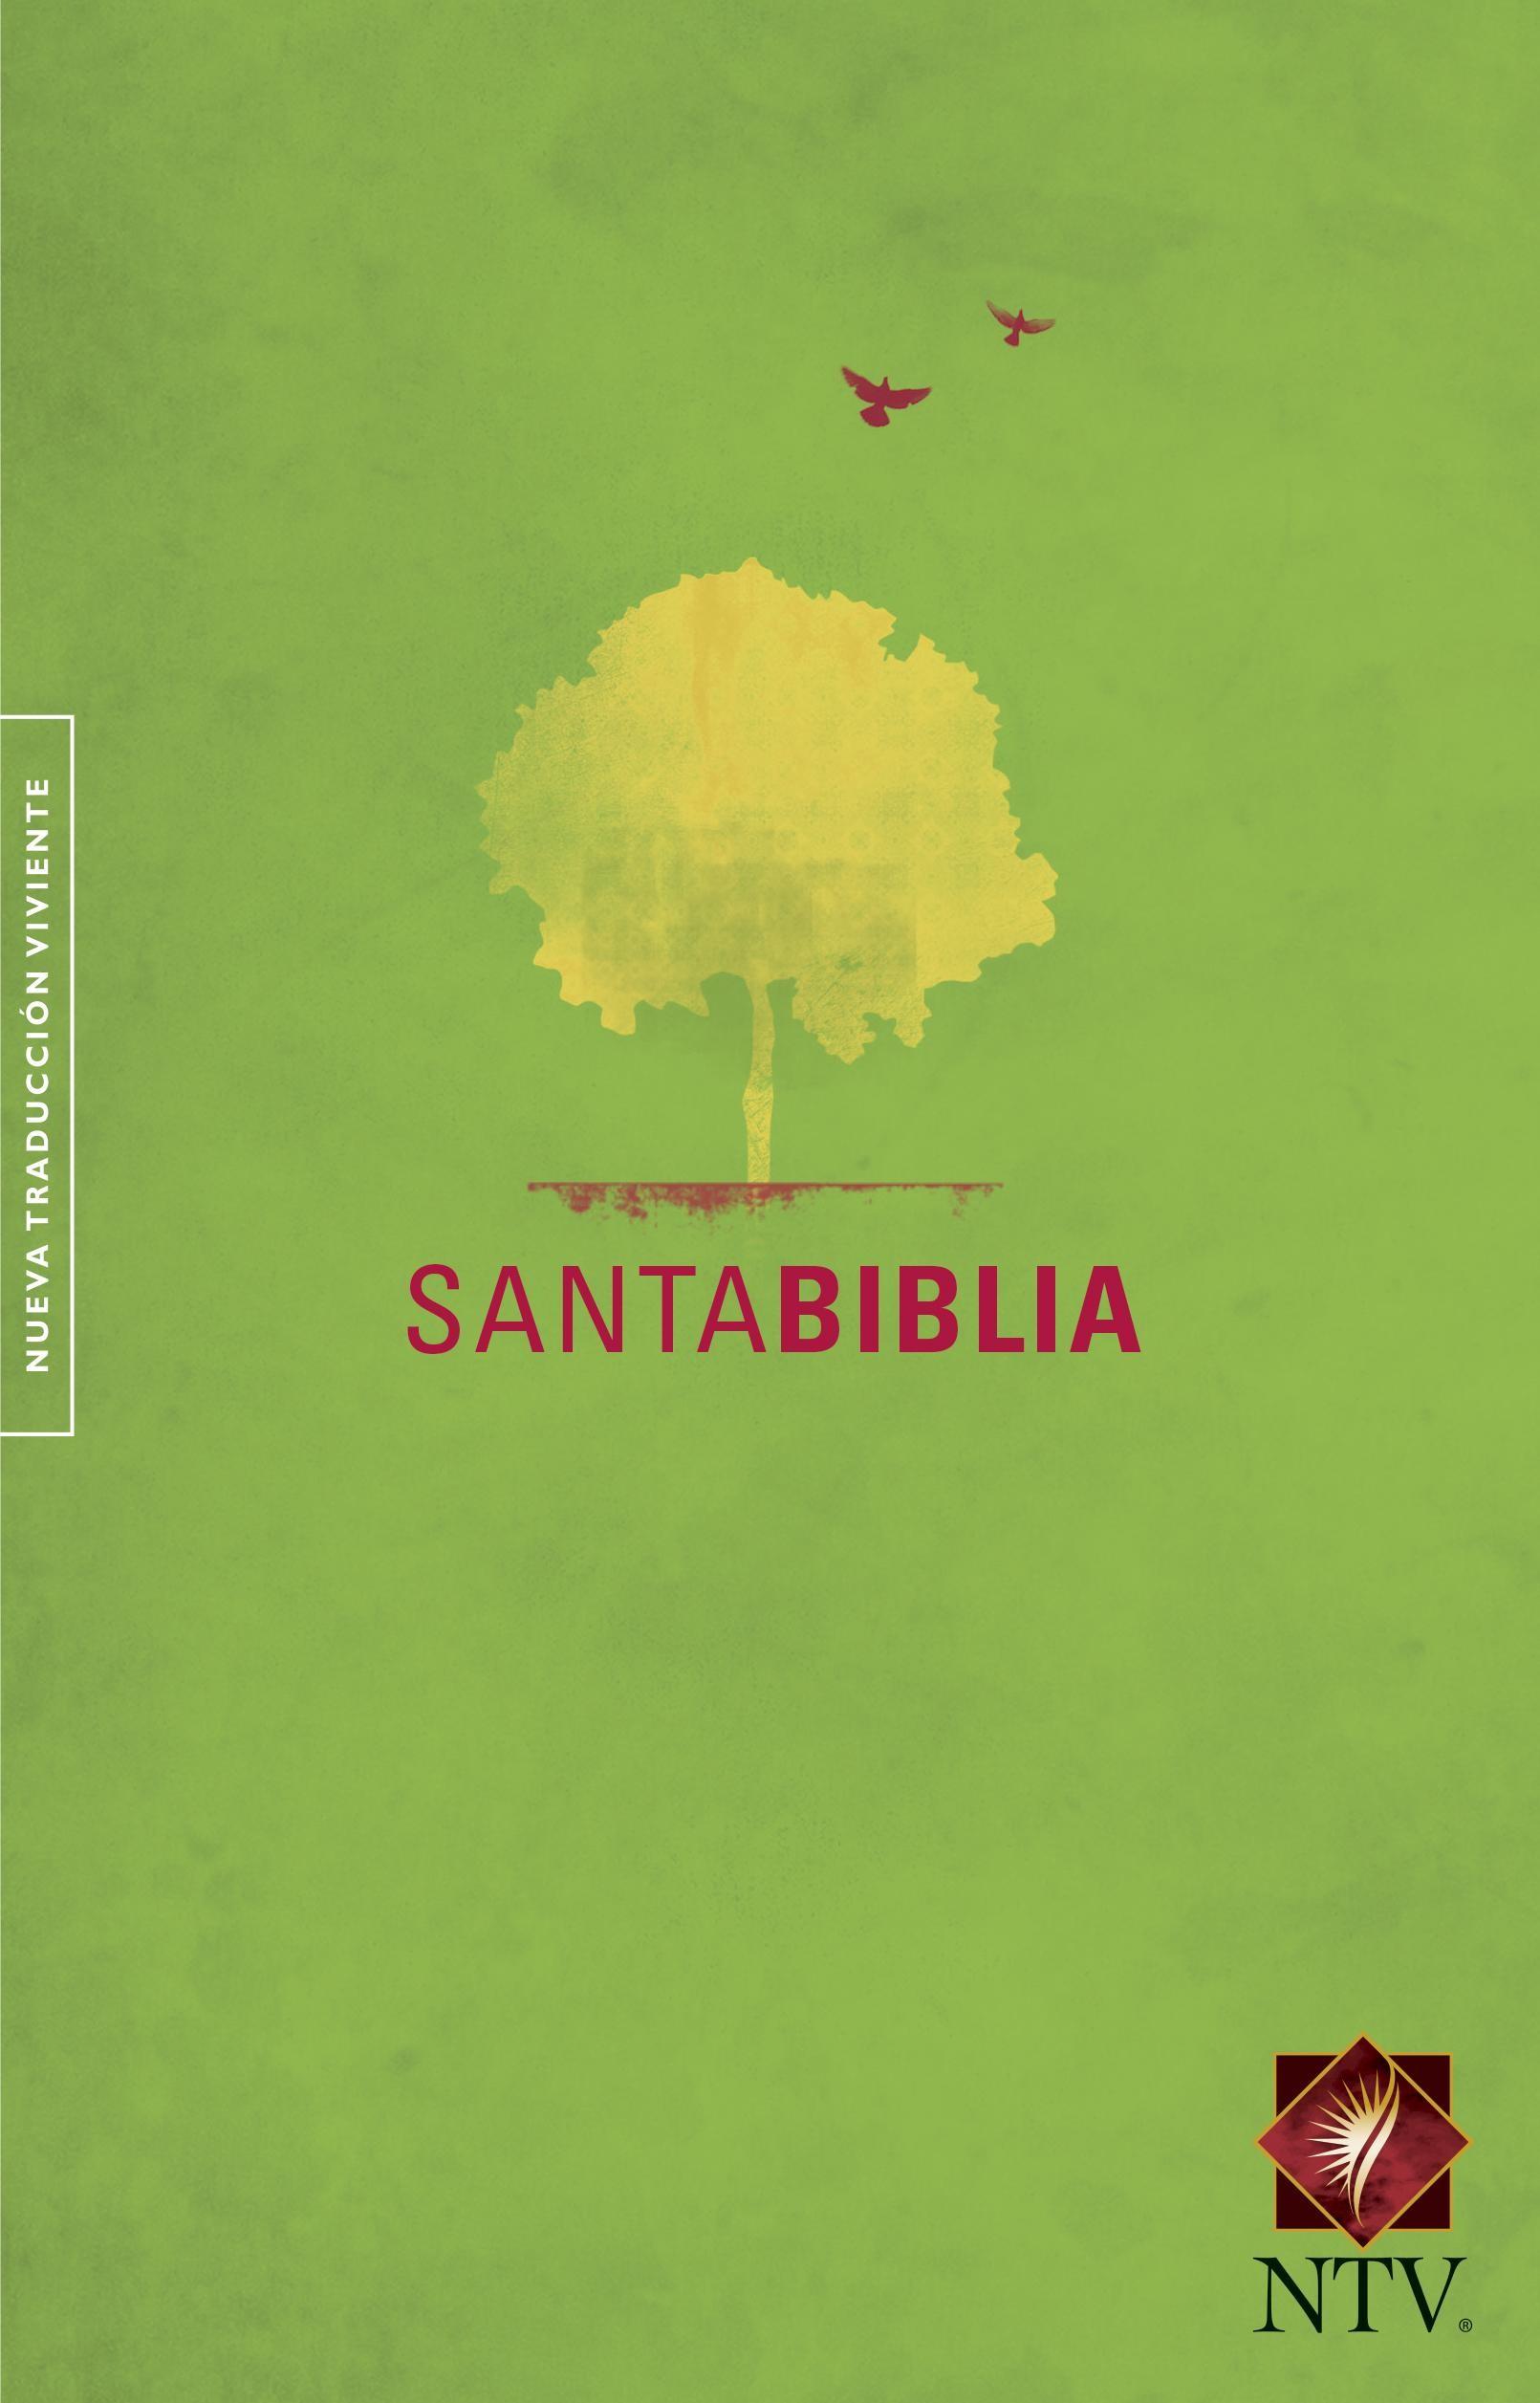 Santa Biblia NTV, Edición cosecha, Árbol (Tapa rústica)